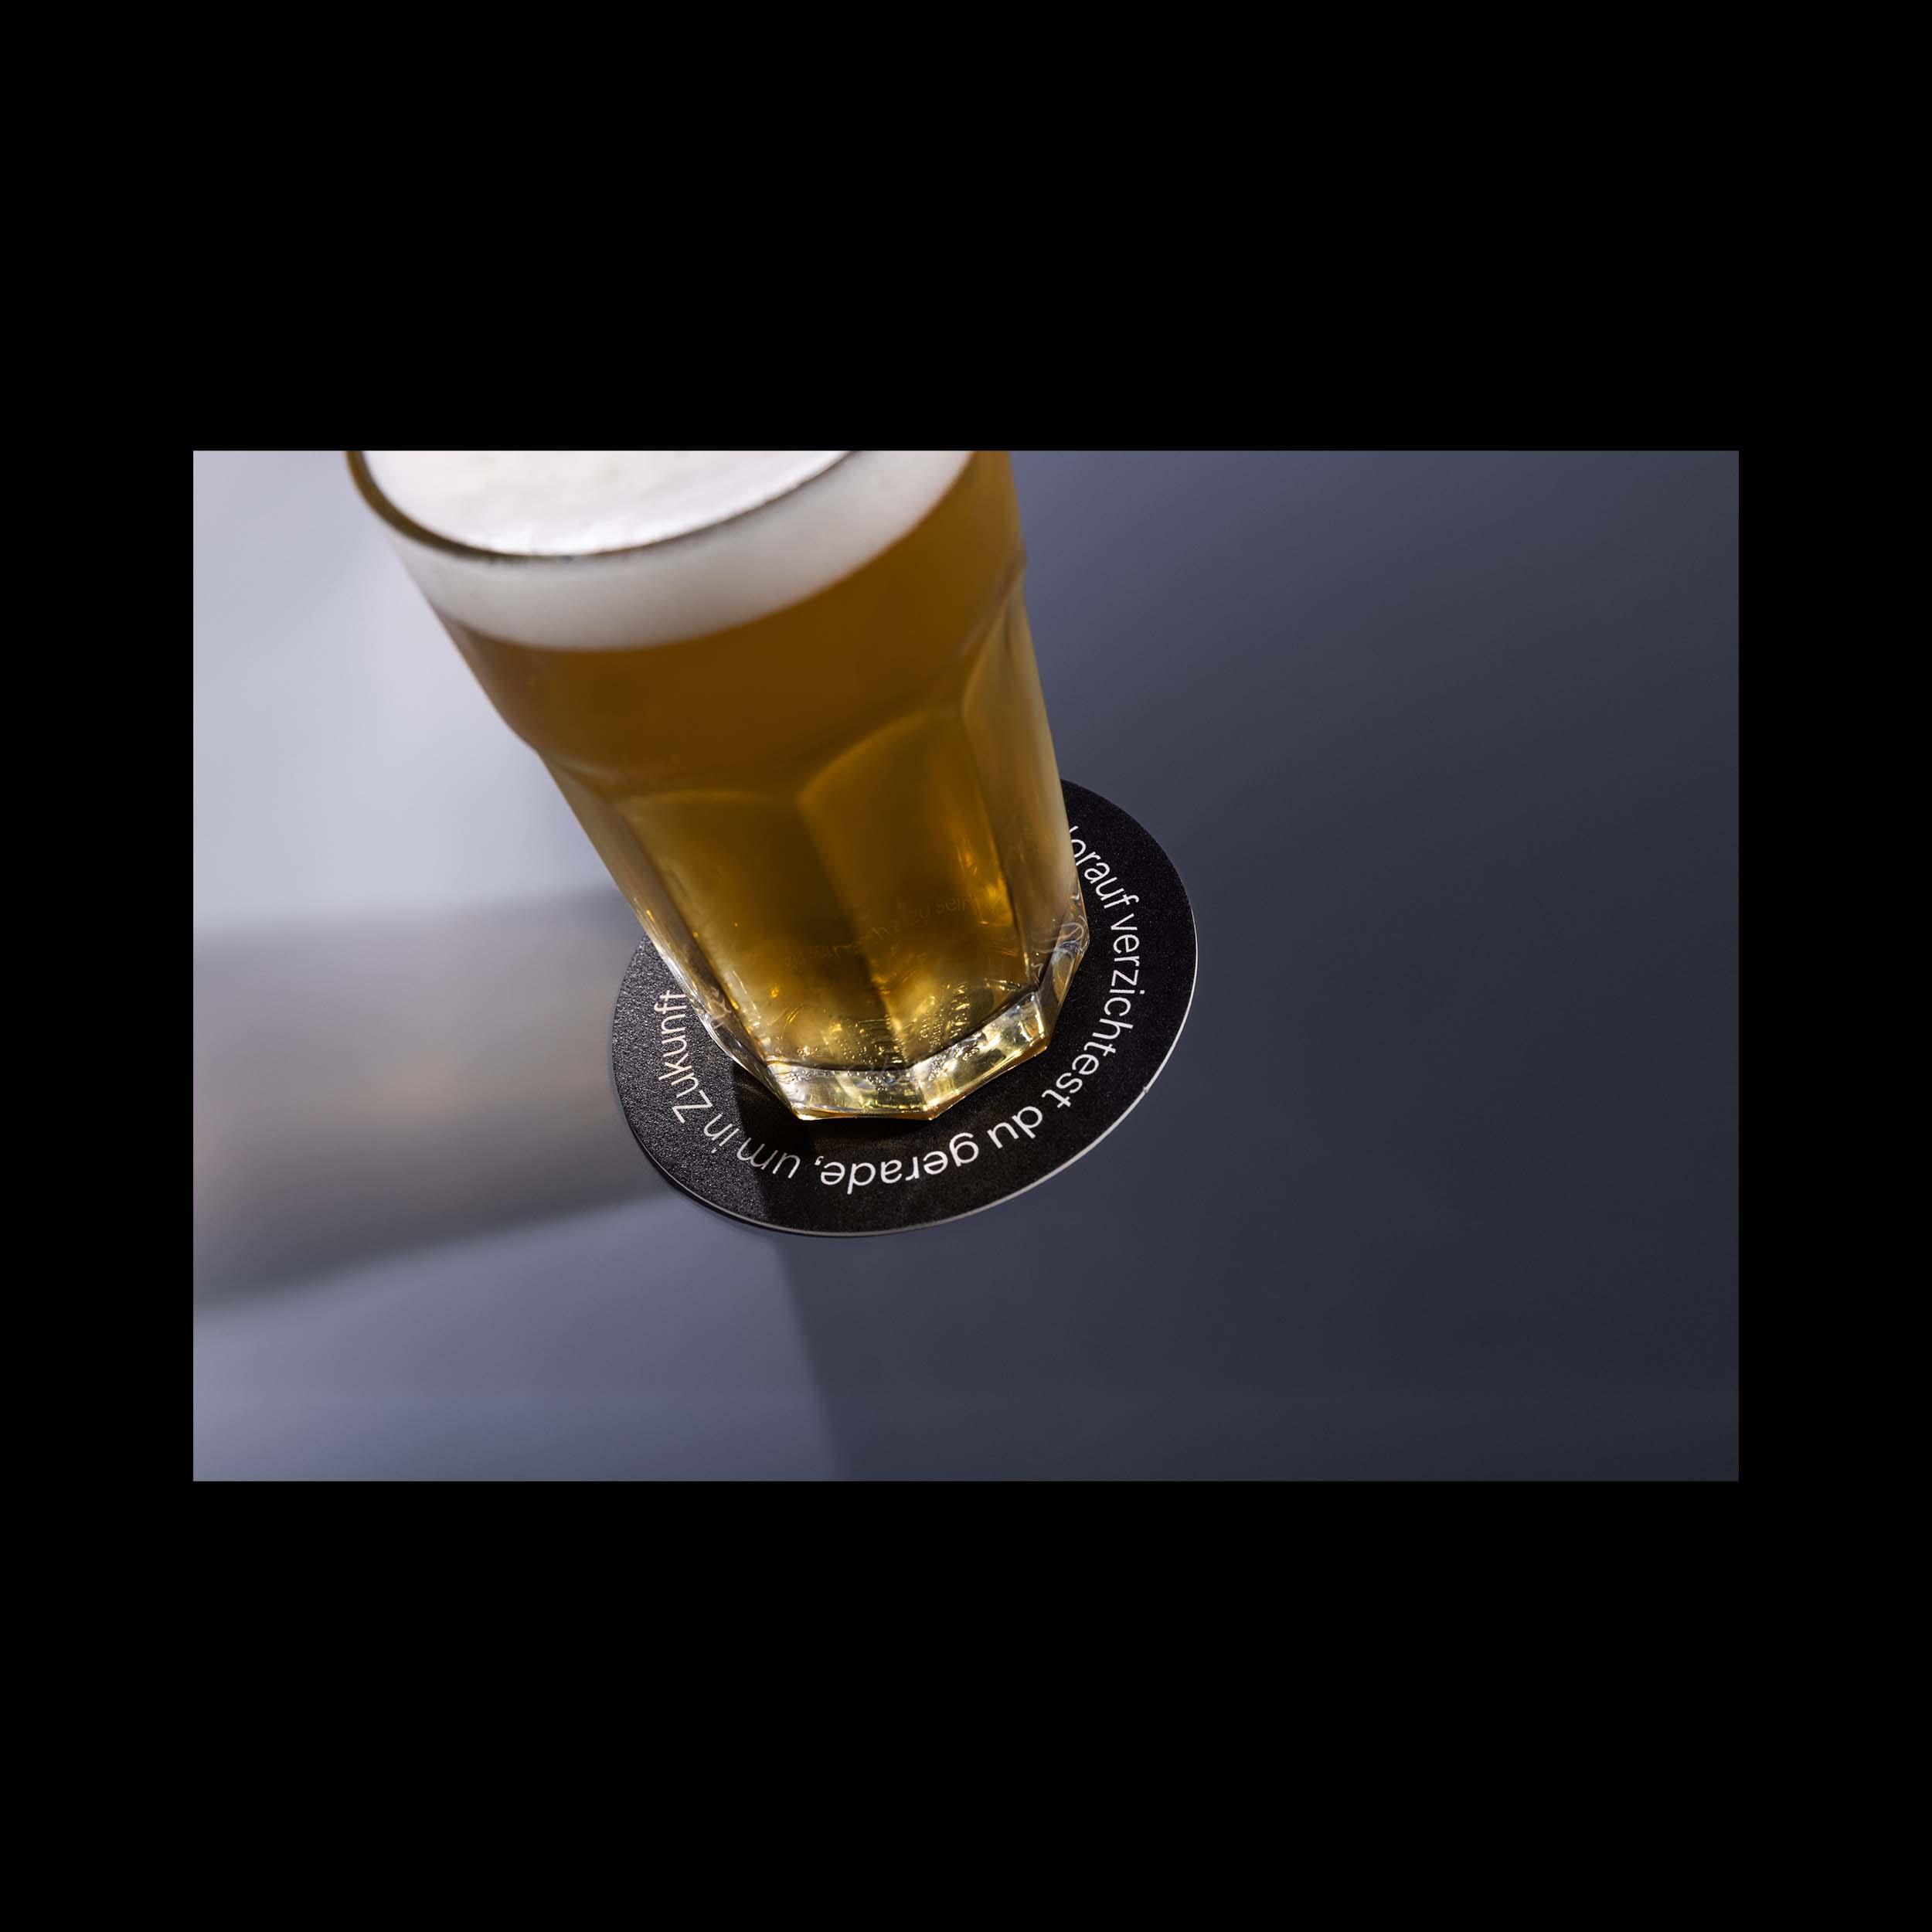 Ein frisch gezapftes Bier steht auf einer Identitäts-Fragekarte des Kartensets für Workshops von Brink.